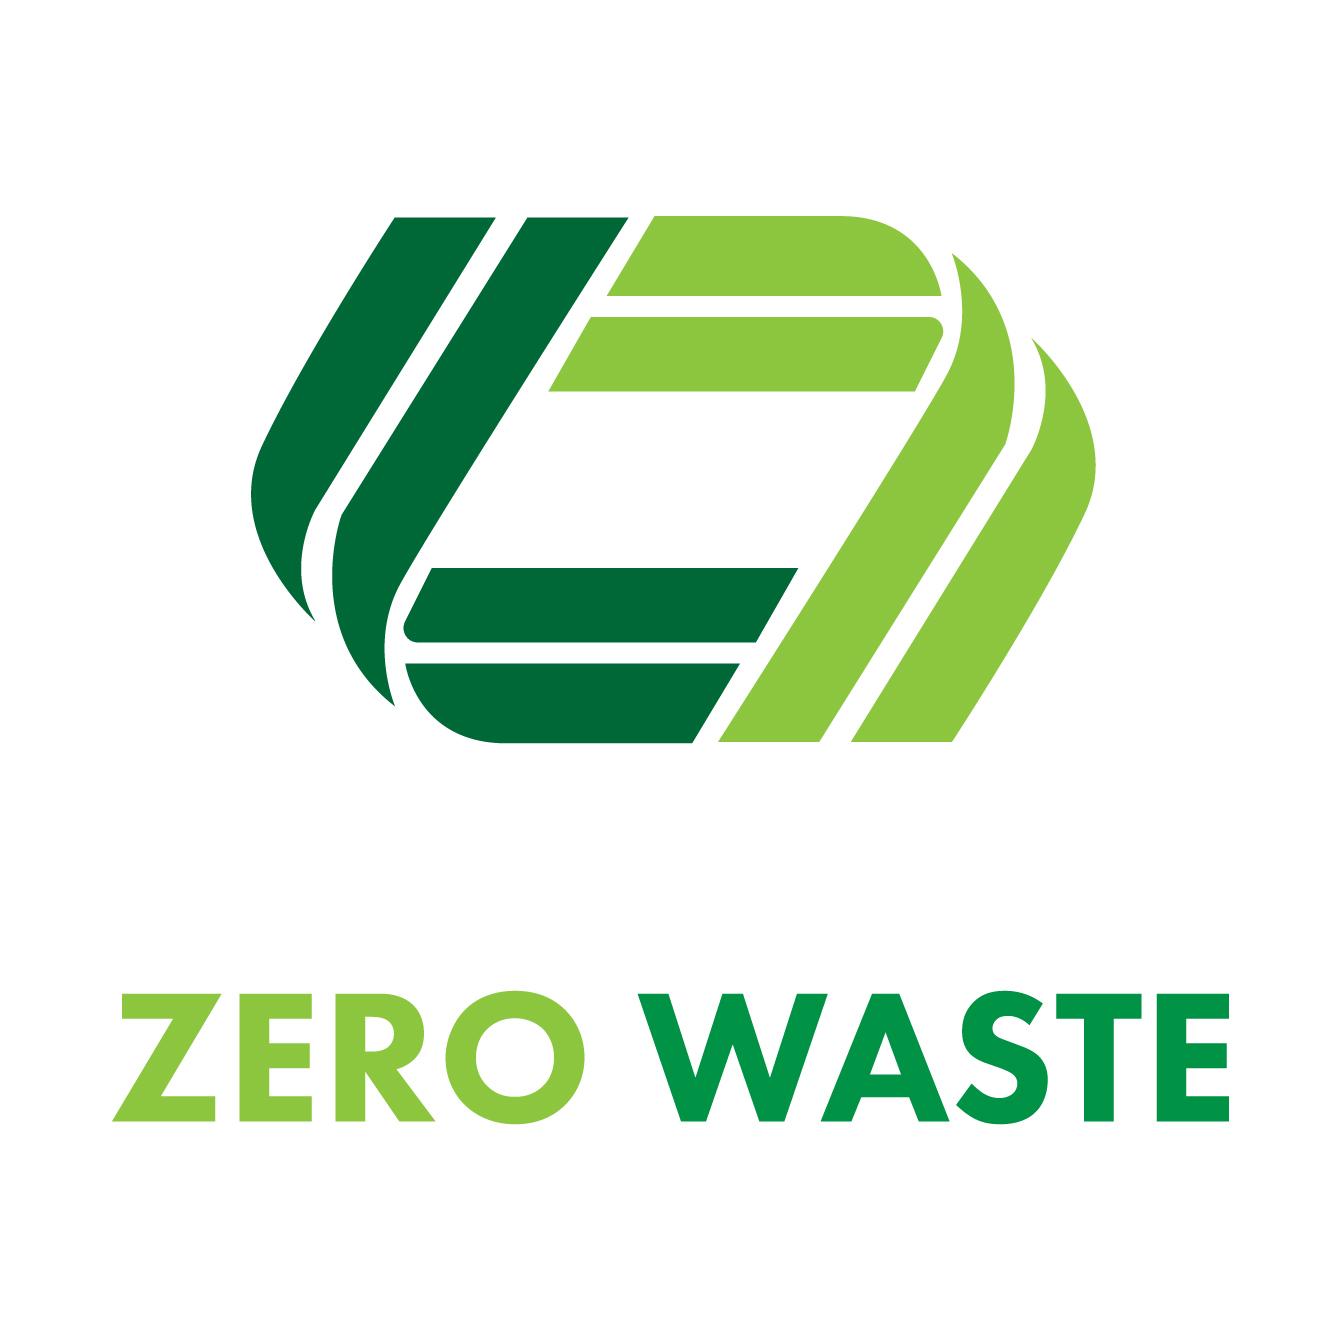 #ZeroWaste (Logo: Michael Schulze)